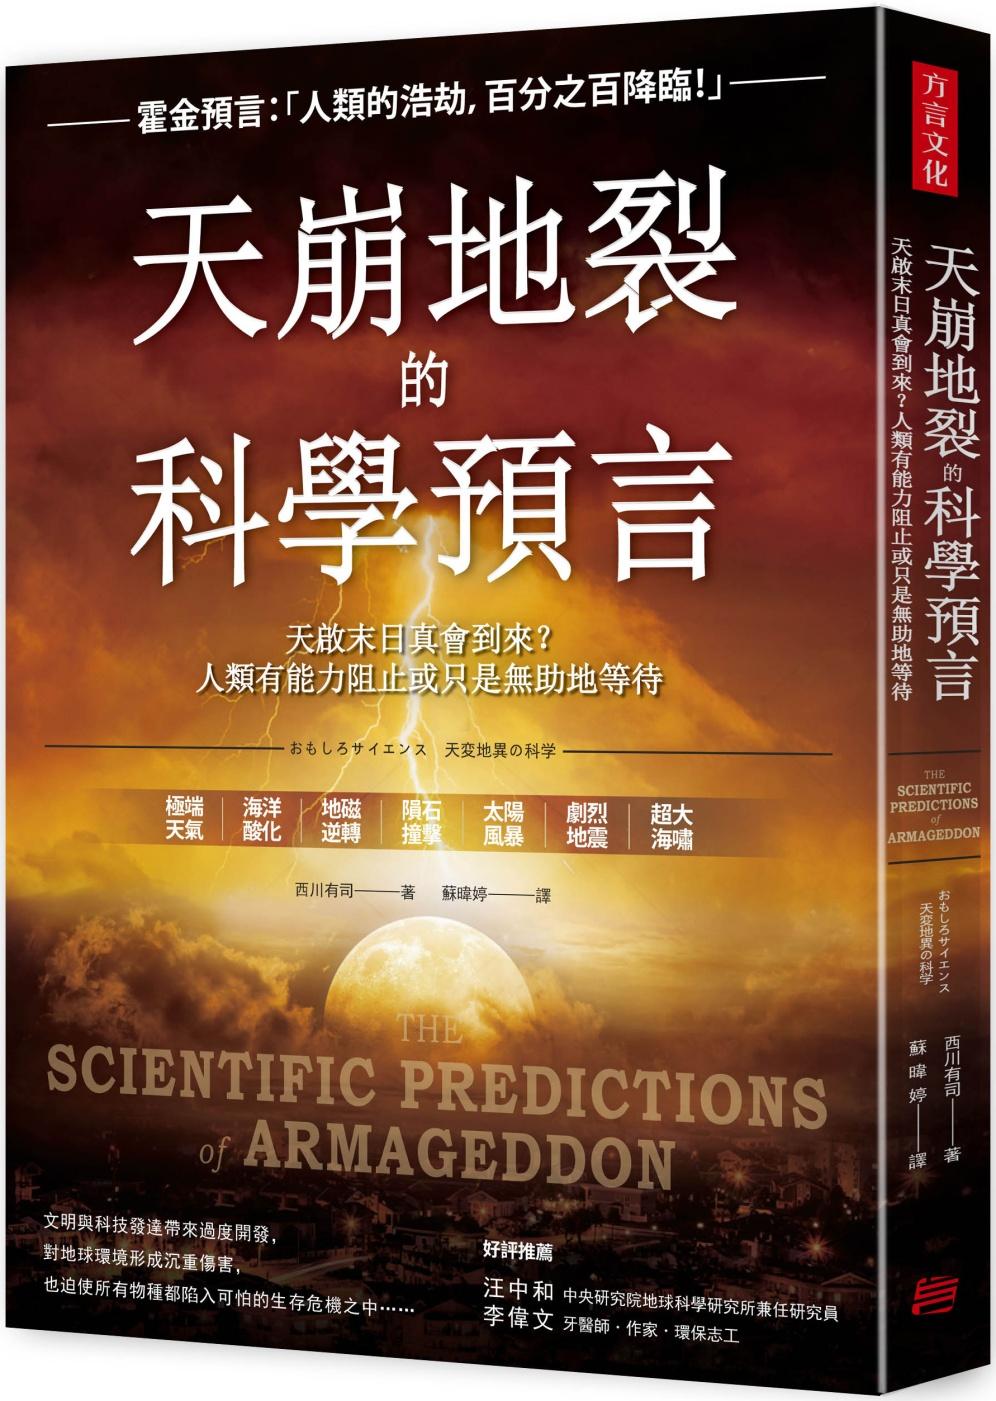 天崩地裂的科學預言:天啟末日真會到來?人類有能力阻止或只是無助地等待